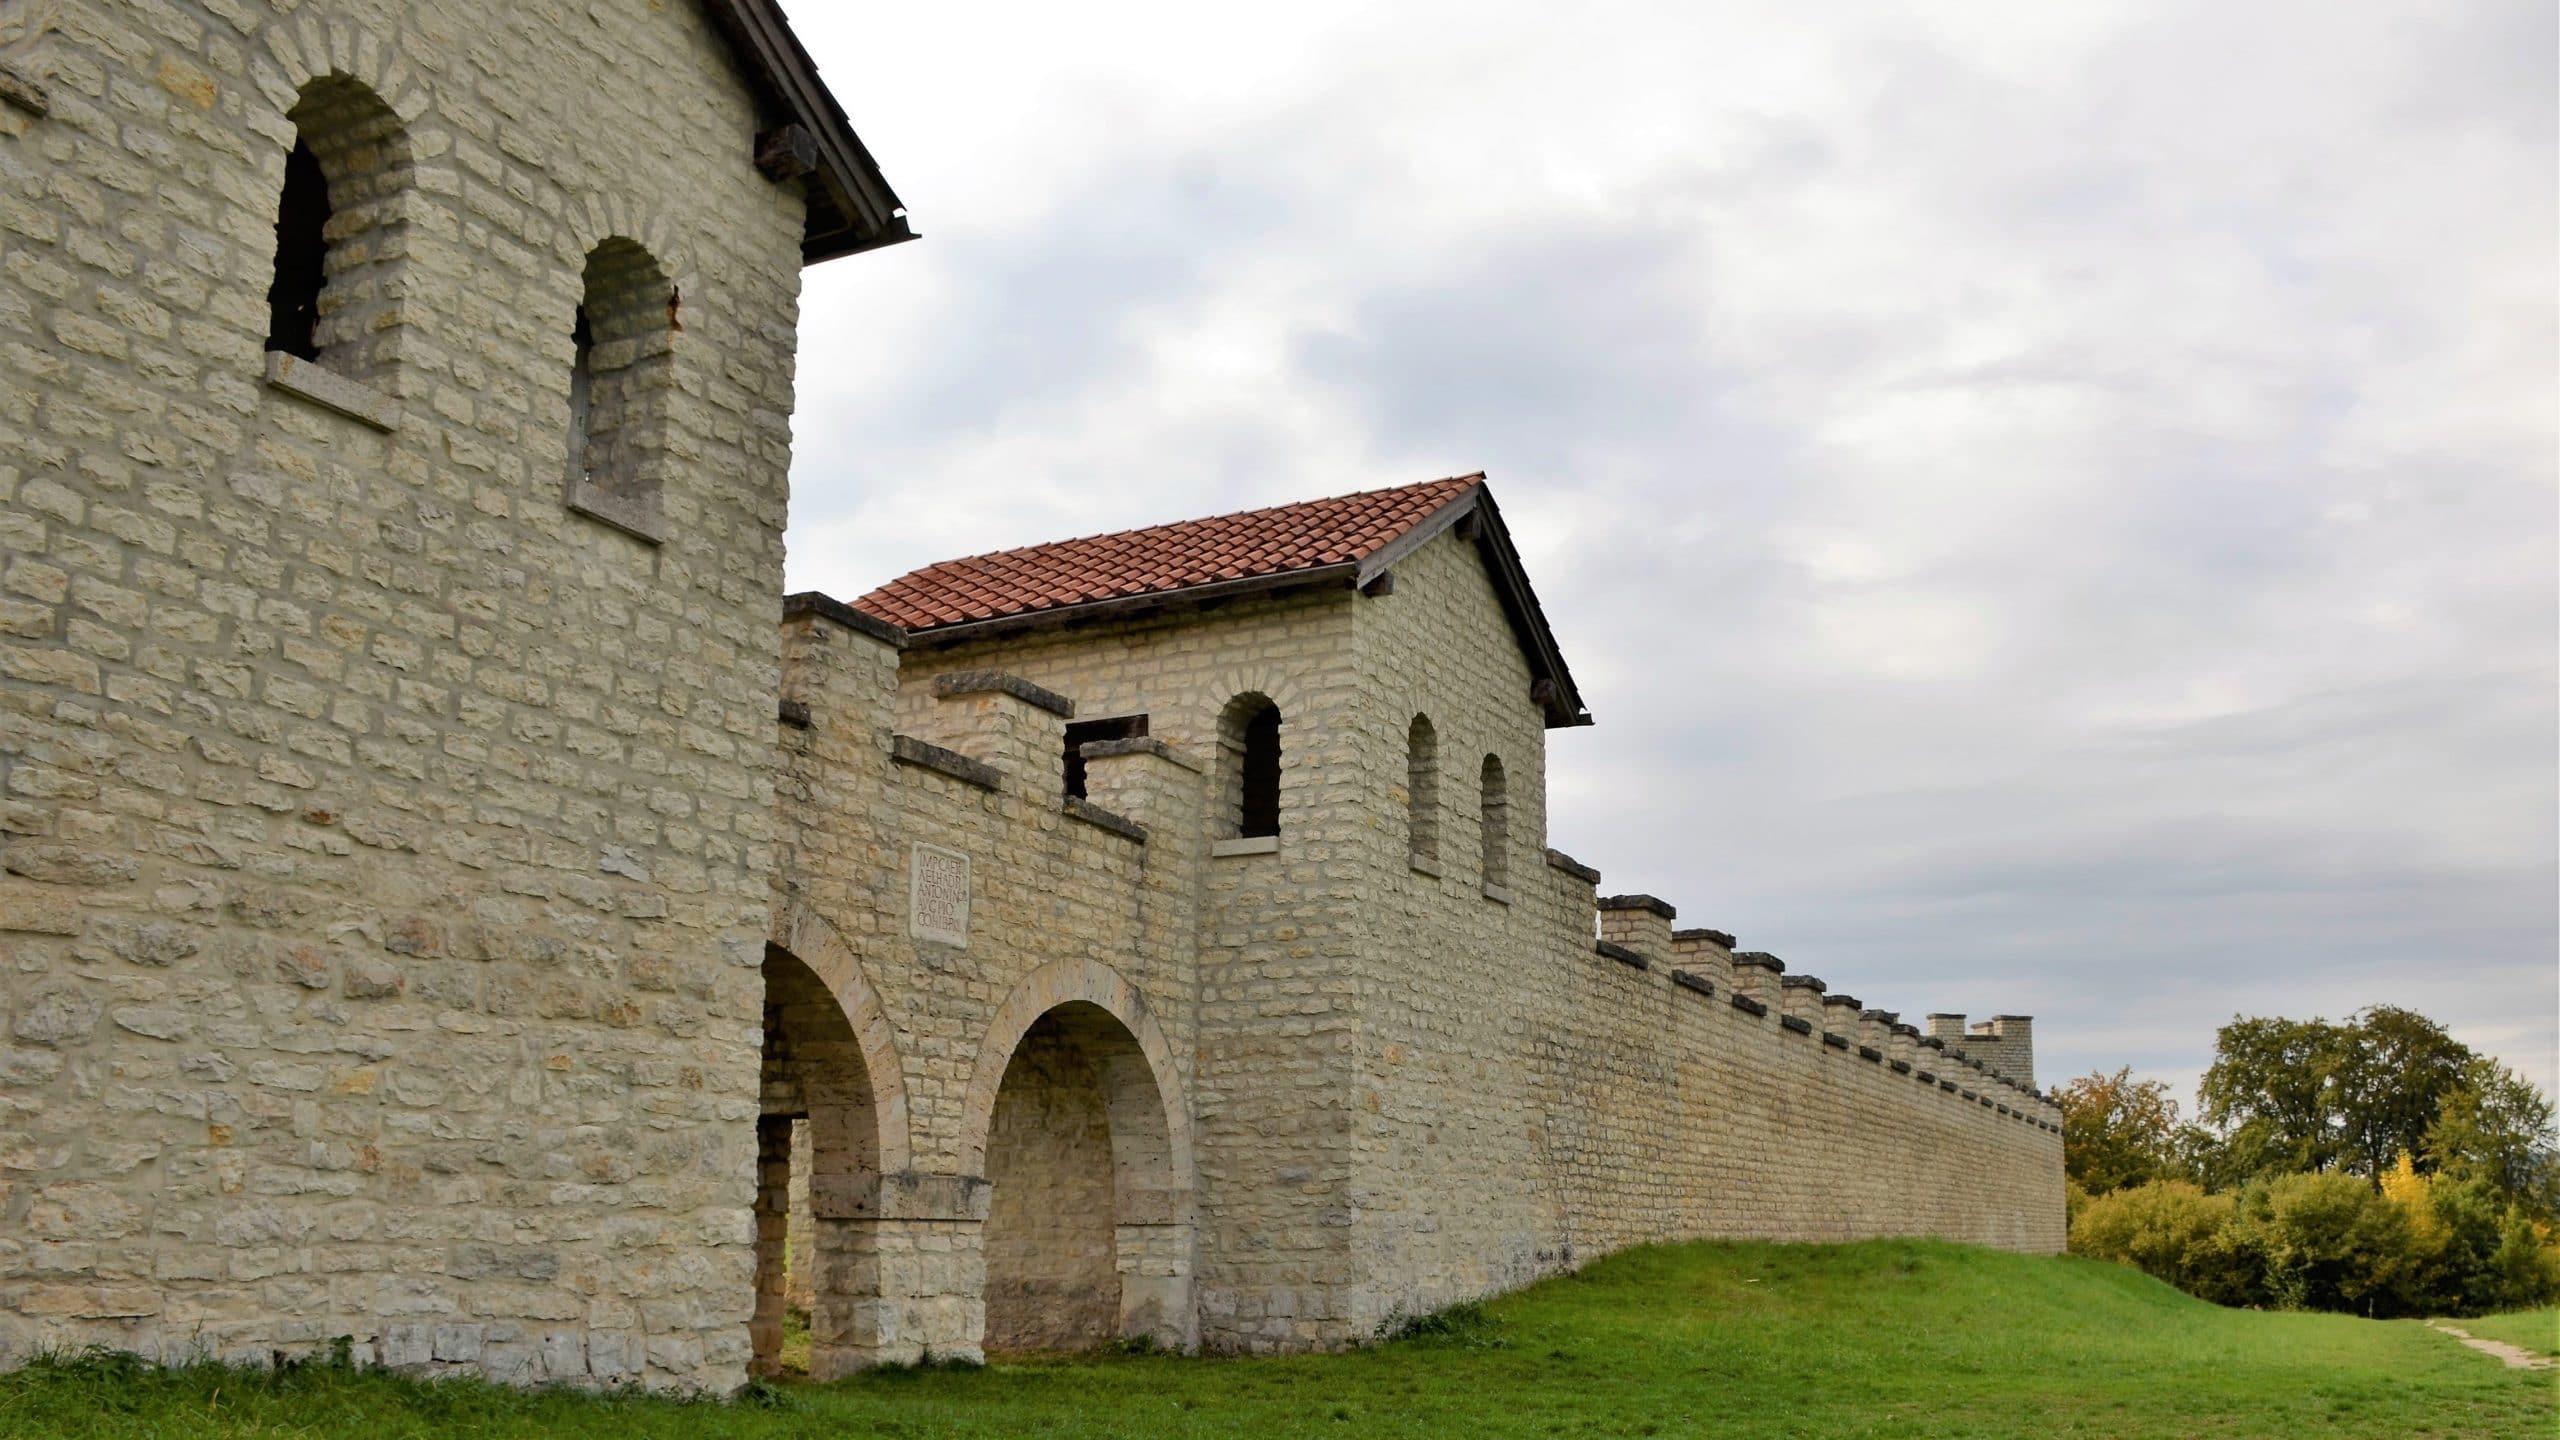 Sehenswürdigkeiten Eichstätt Das römische Kastell Castra Vetoniana